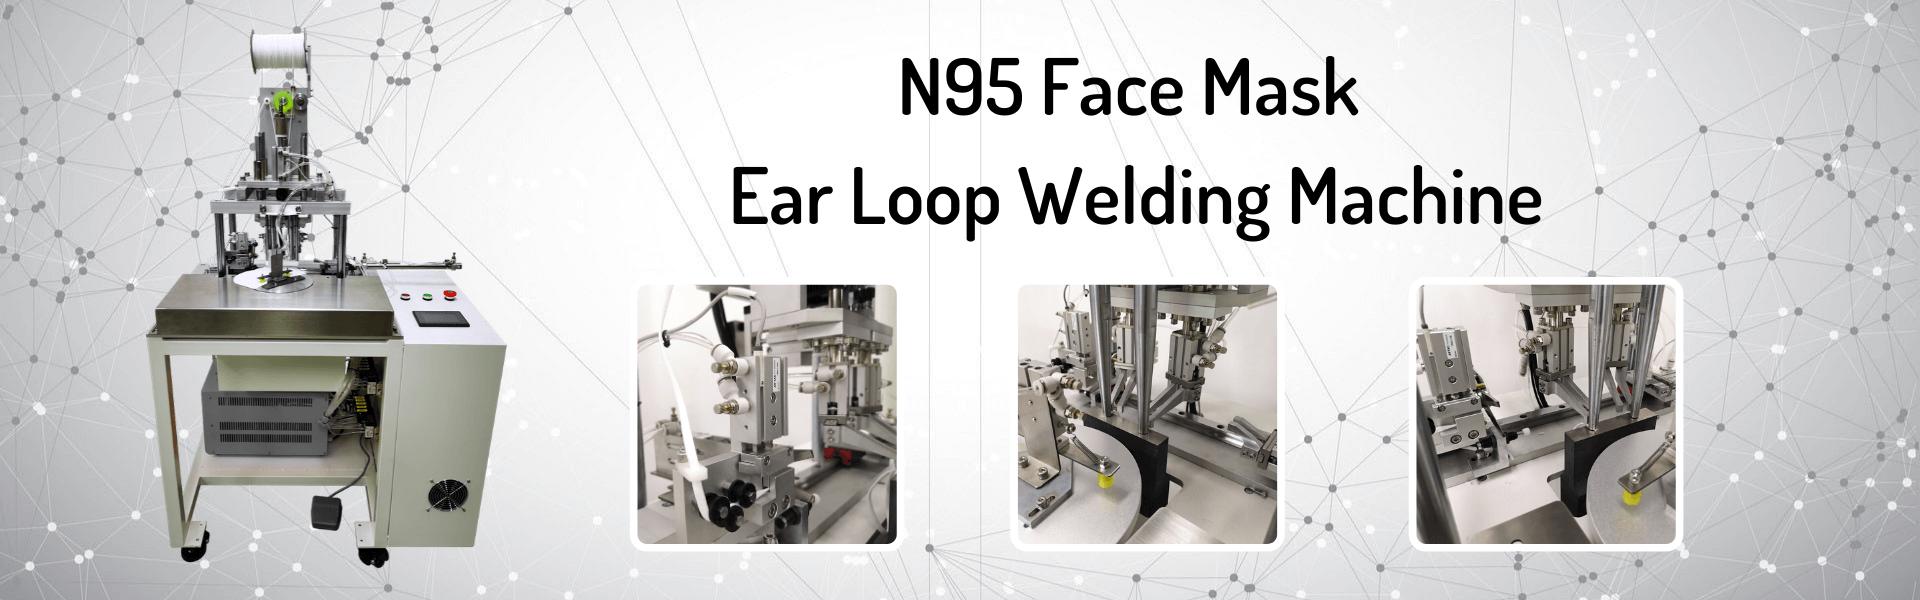 N95 Face Mask Ear Loop Welding Machine